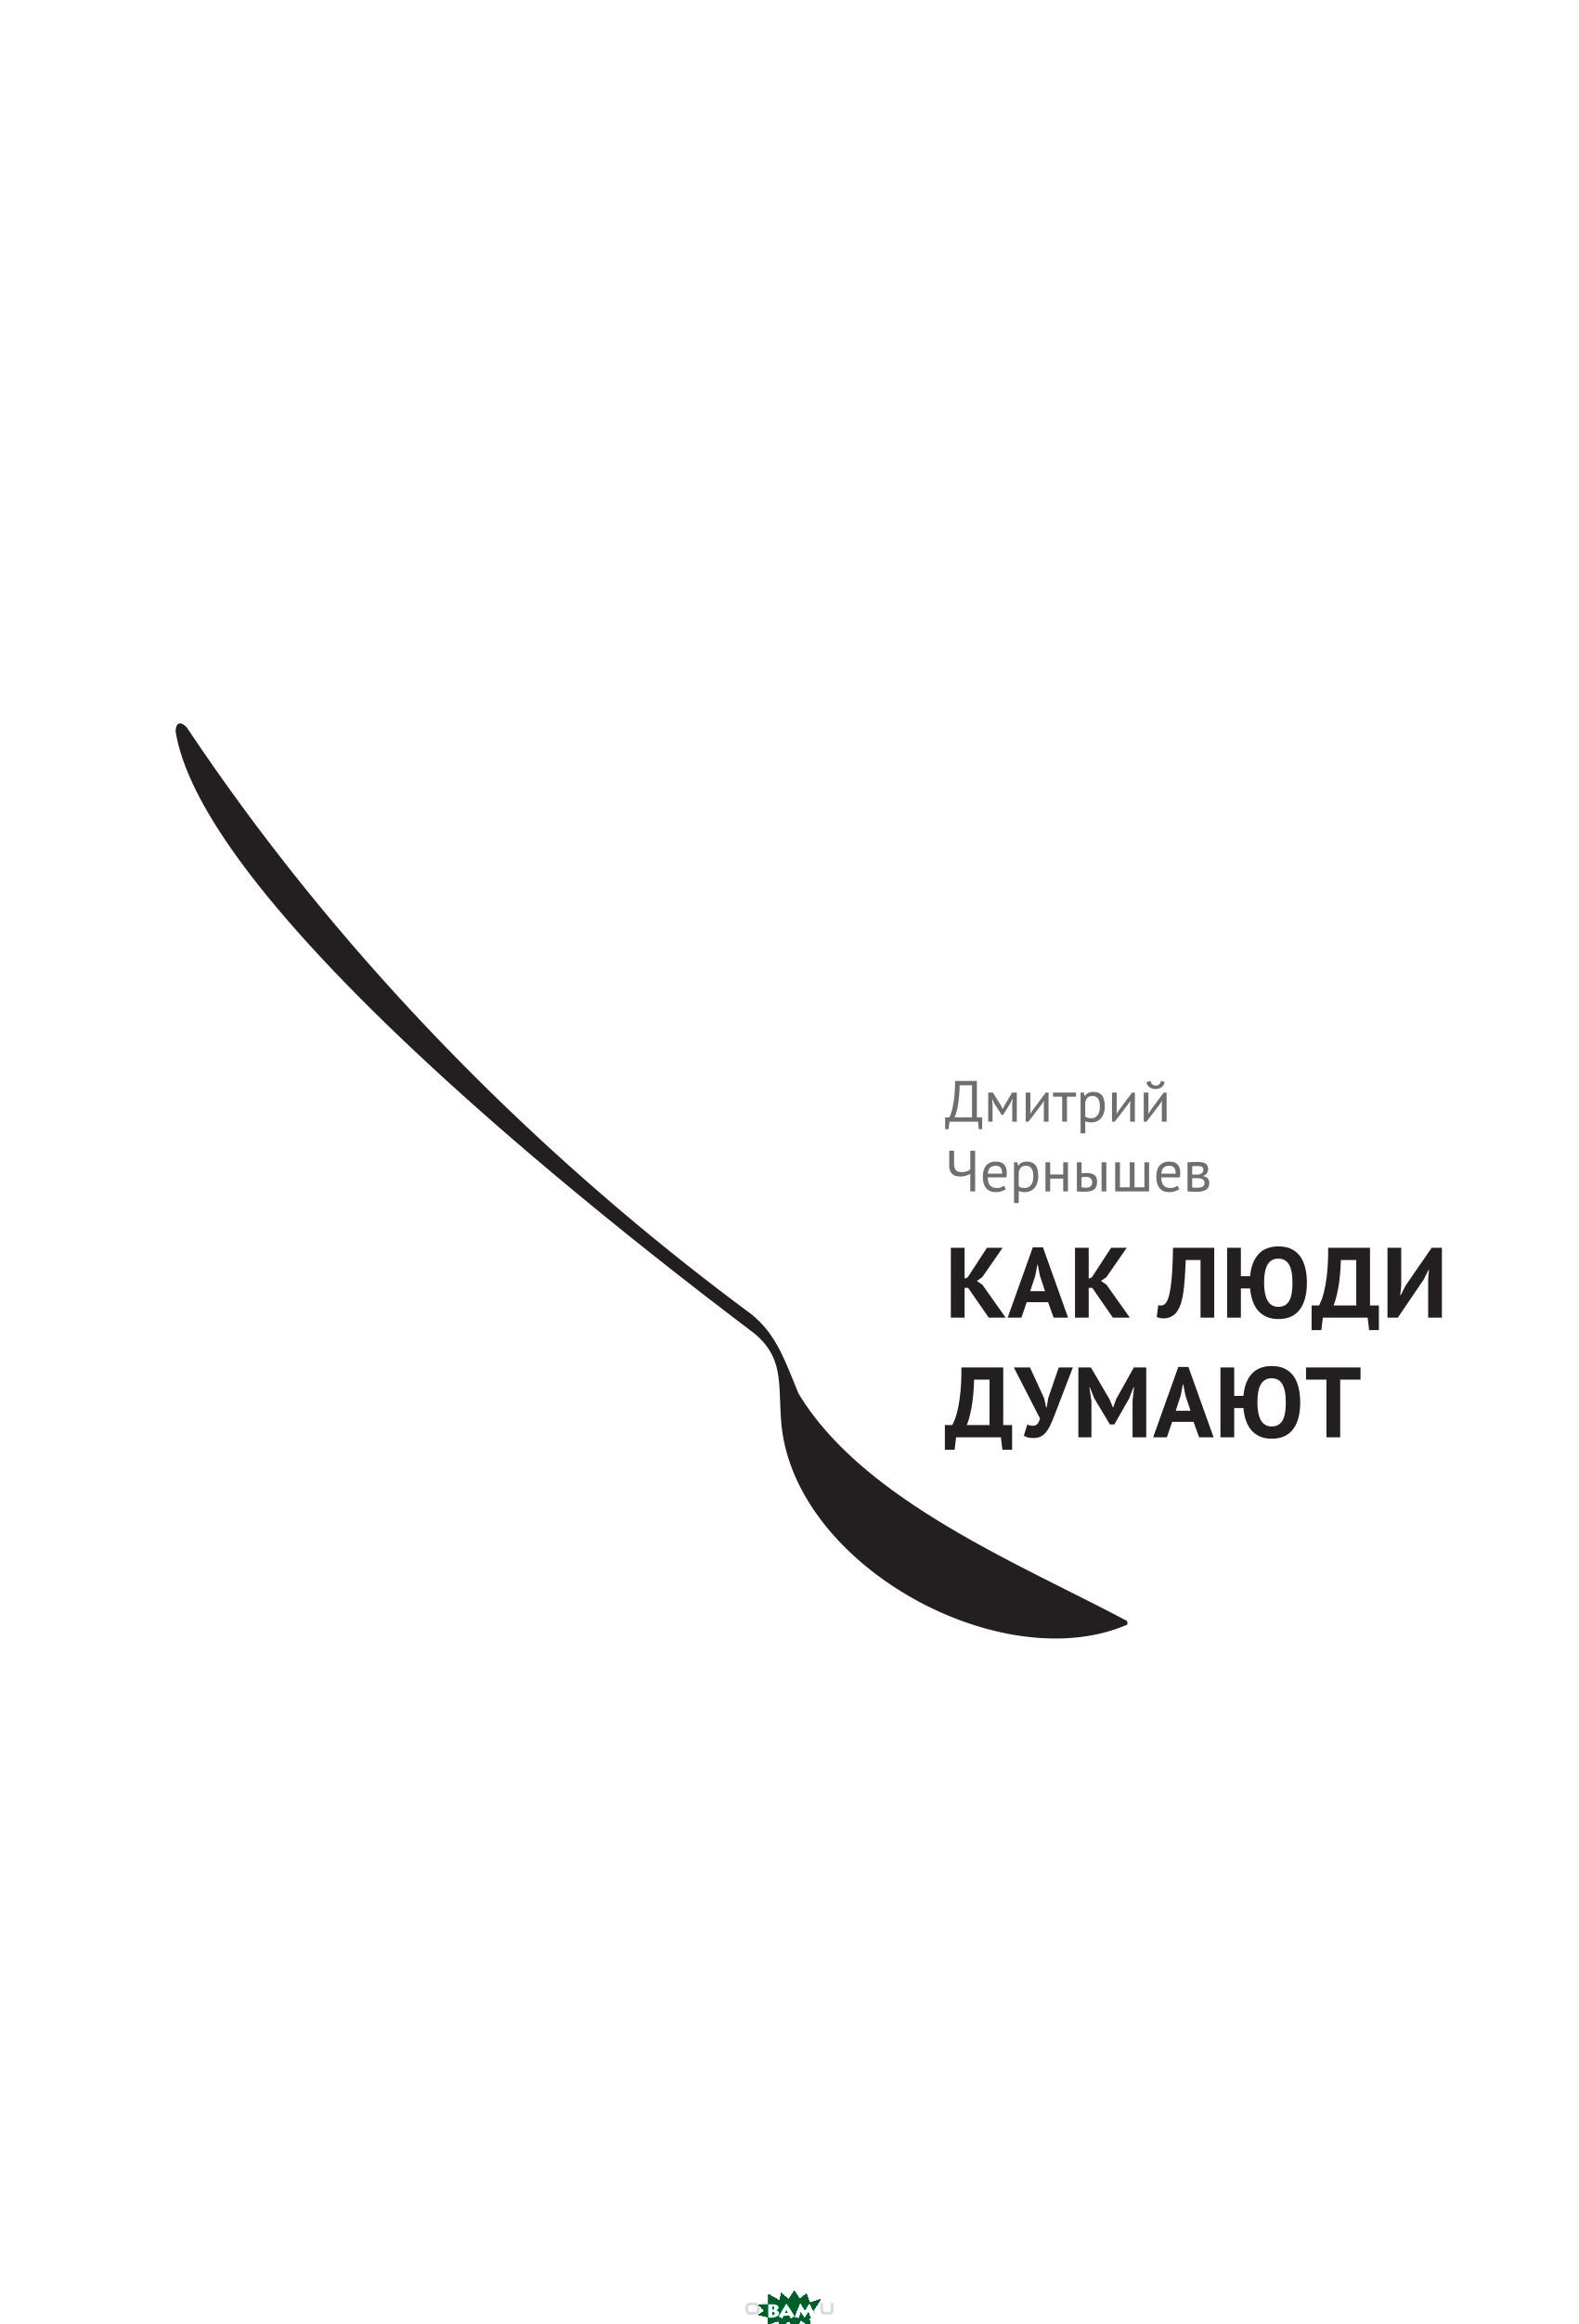 Купить Как люди думают, Манн, Иванов и Фербер, Чернышев Дмитрий Александрович, 978-5-00117-312-0